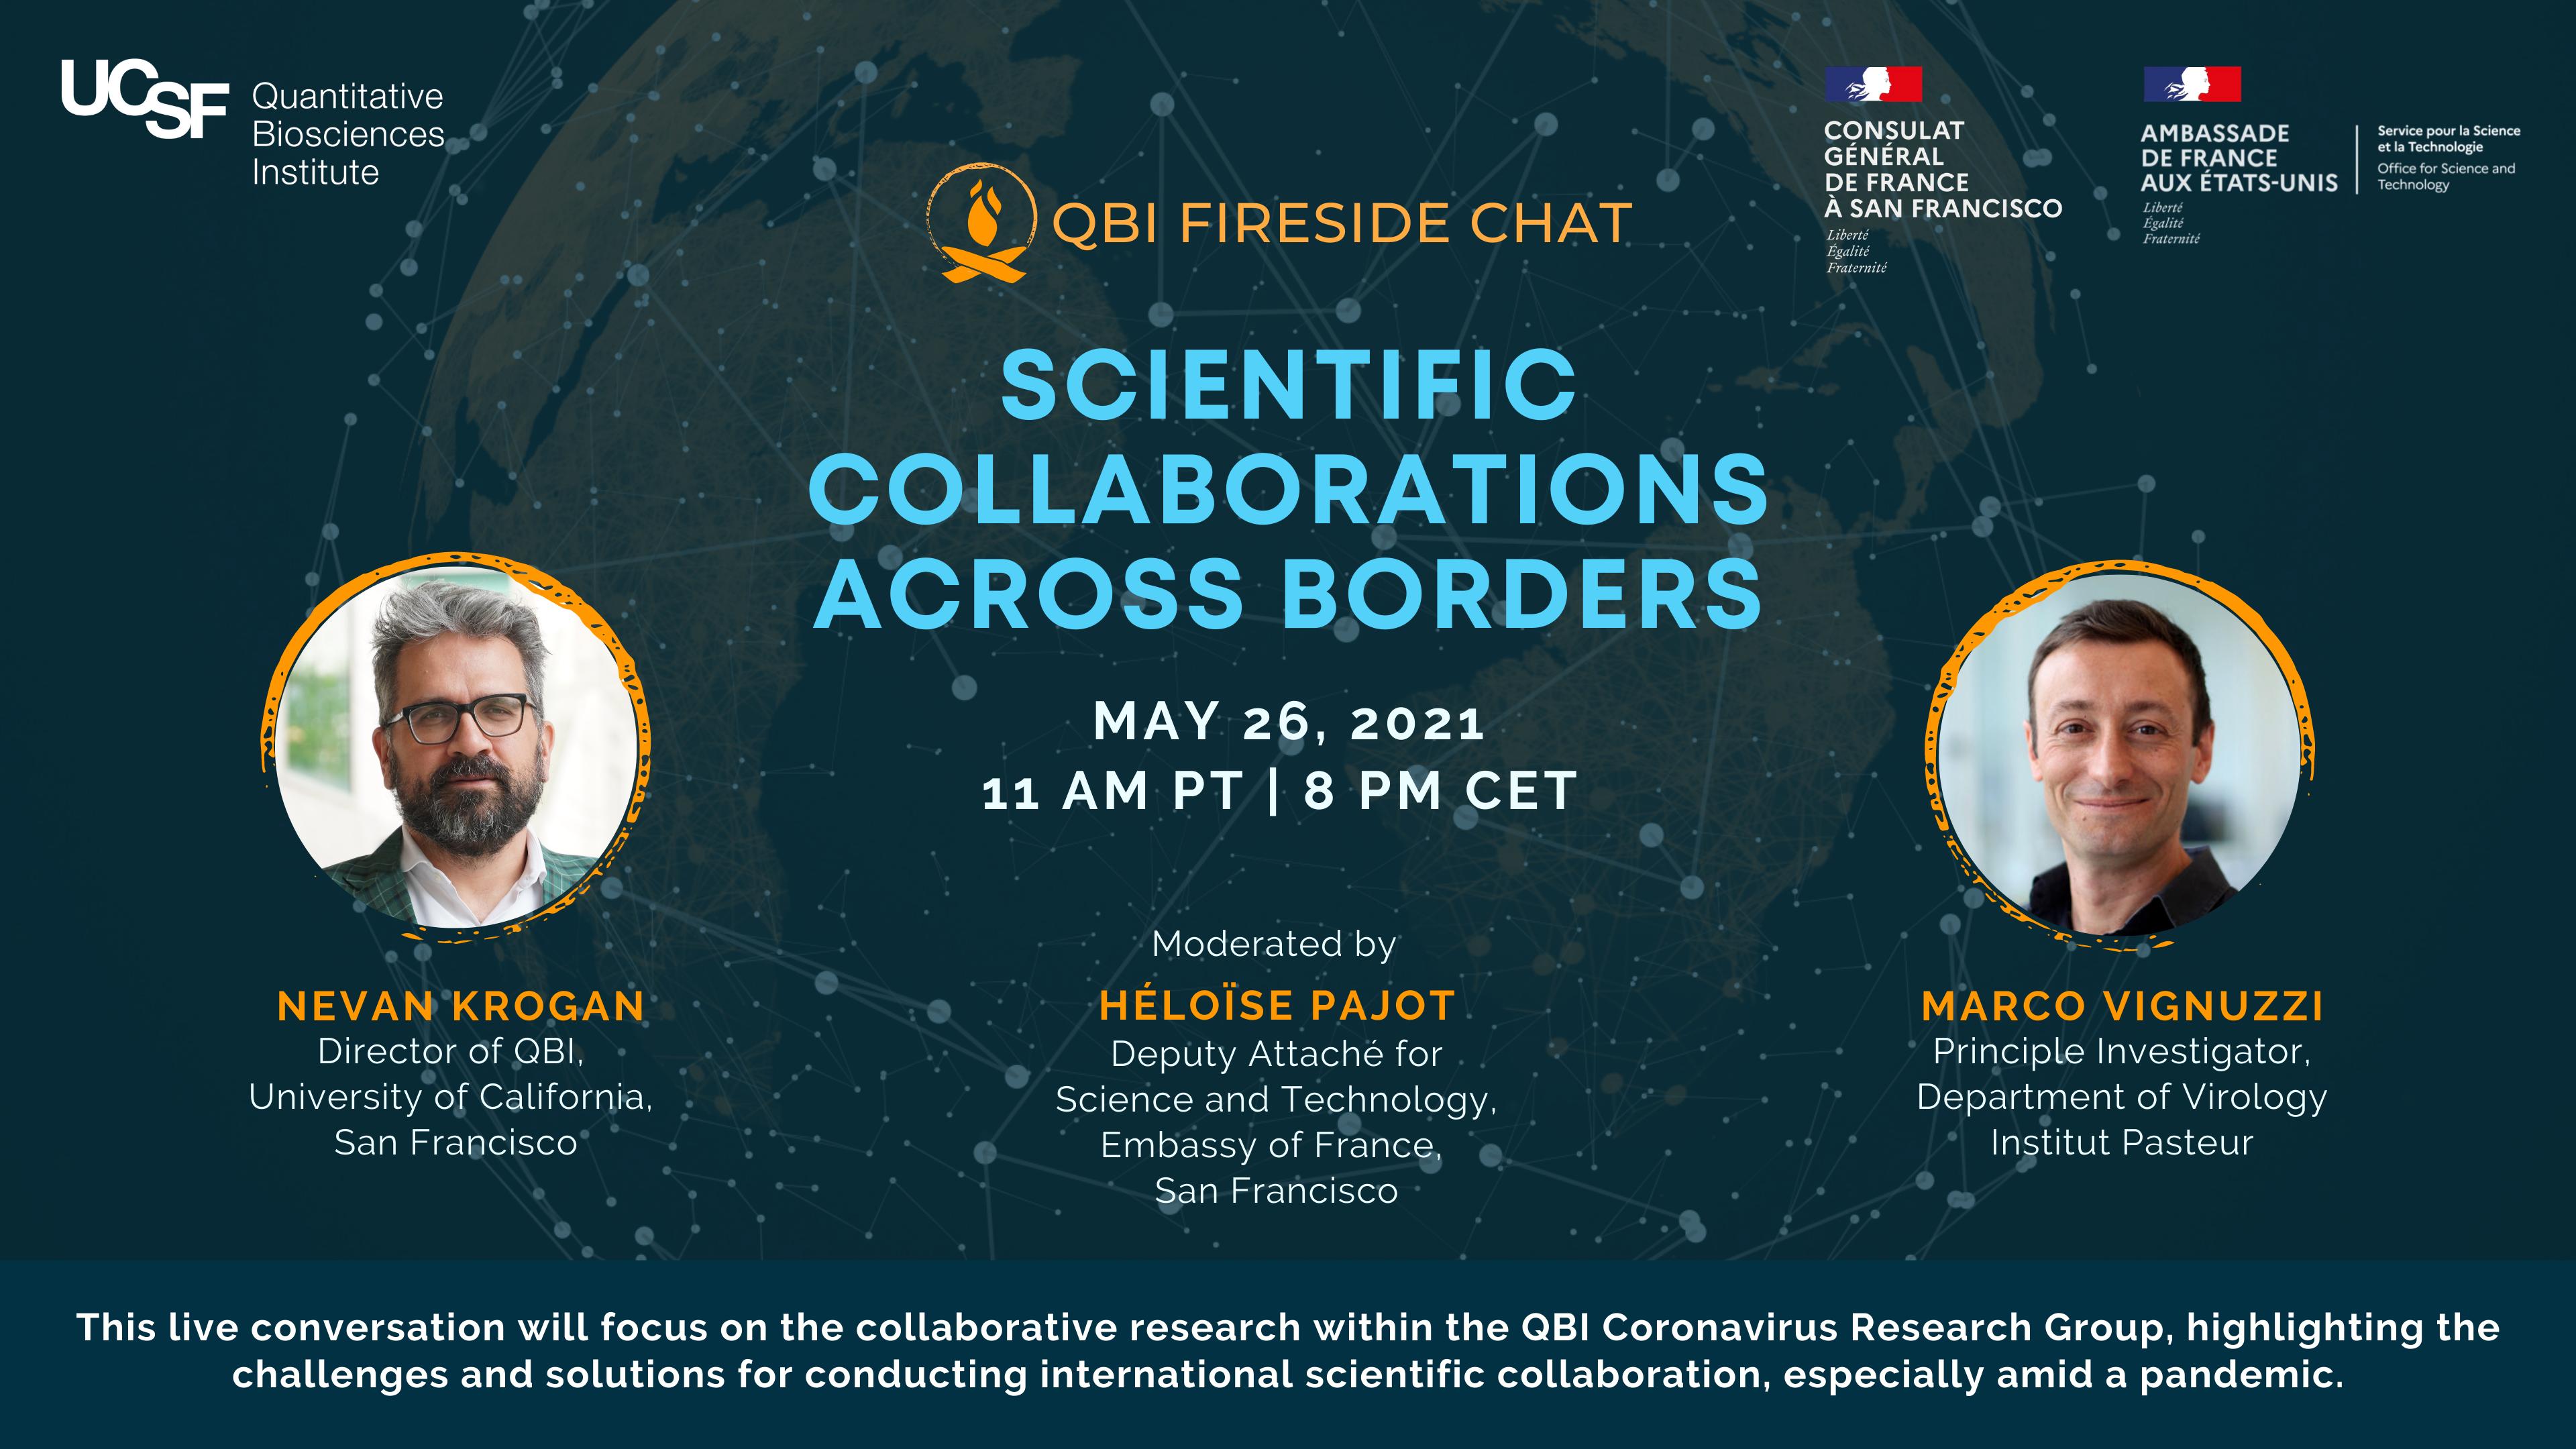 Collaborations scientifiques au-delà des frontières – Retour sur le fireside chat entre Nevan Krogan, Director à QBI et Marco Vignuzzi, Principal Investigator à l'Institut Pasteur